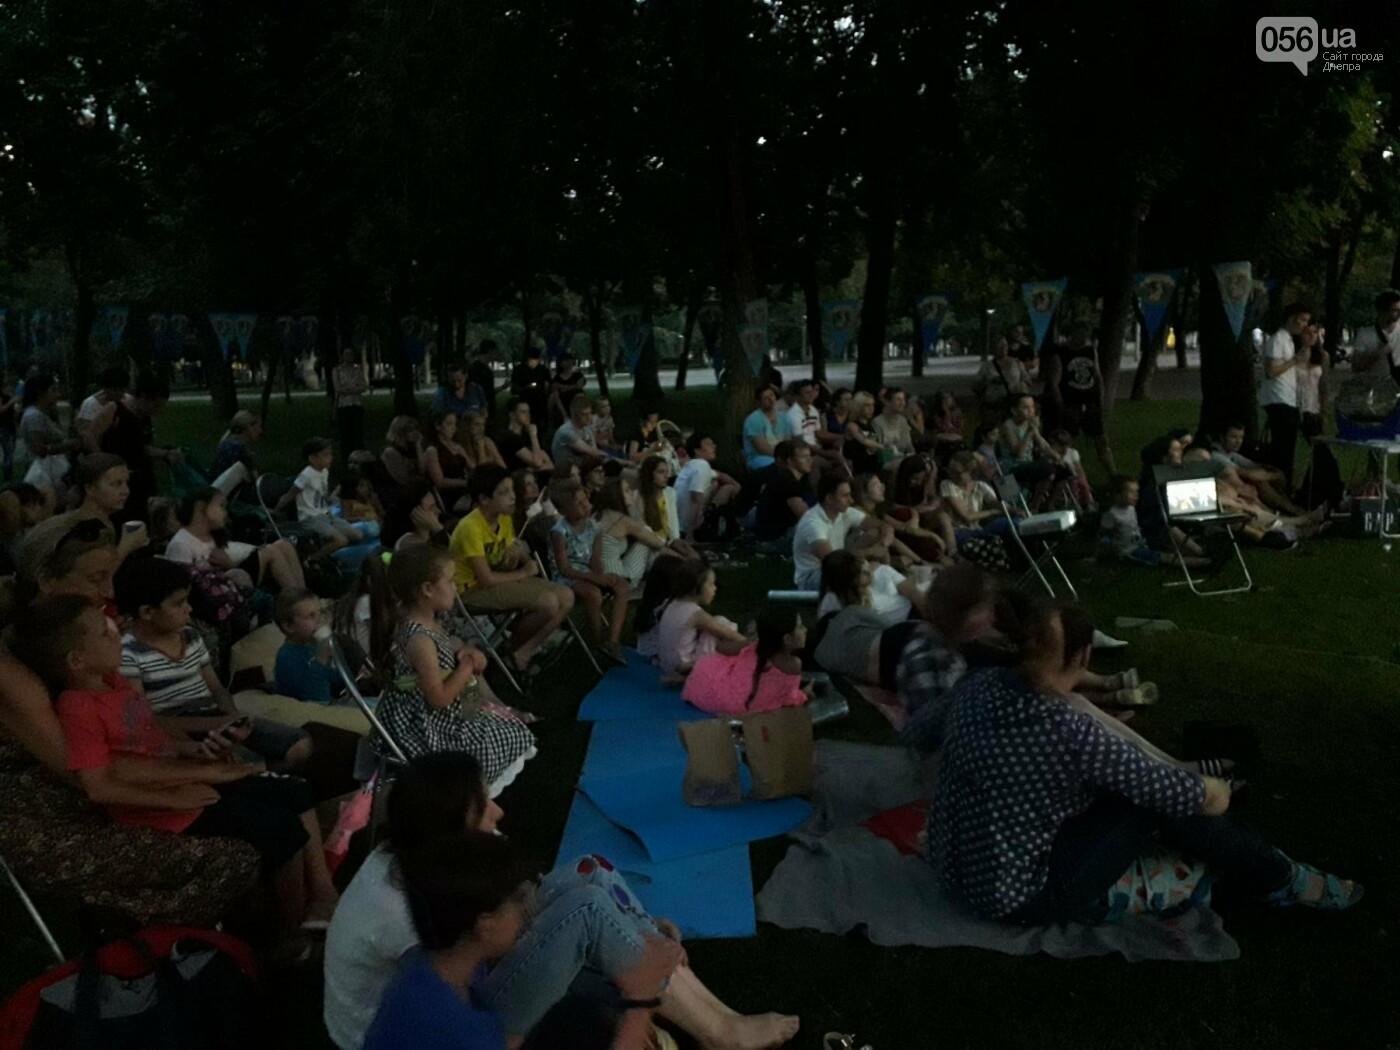 В Днепре прошел юбилейный кинопоказ под открытым небом,  - ФОТО, фото-3